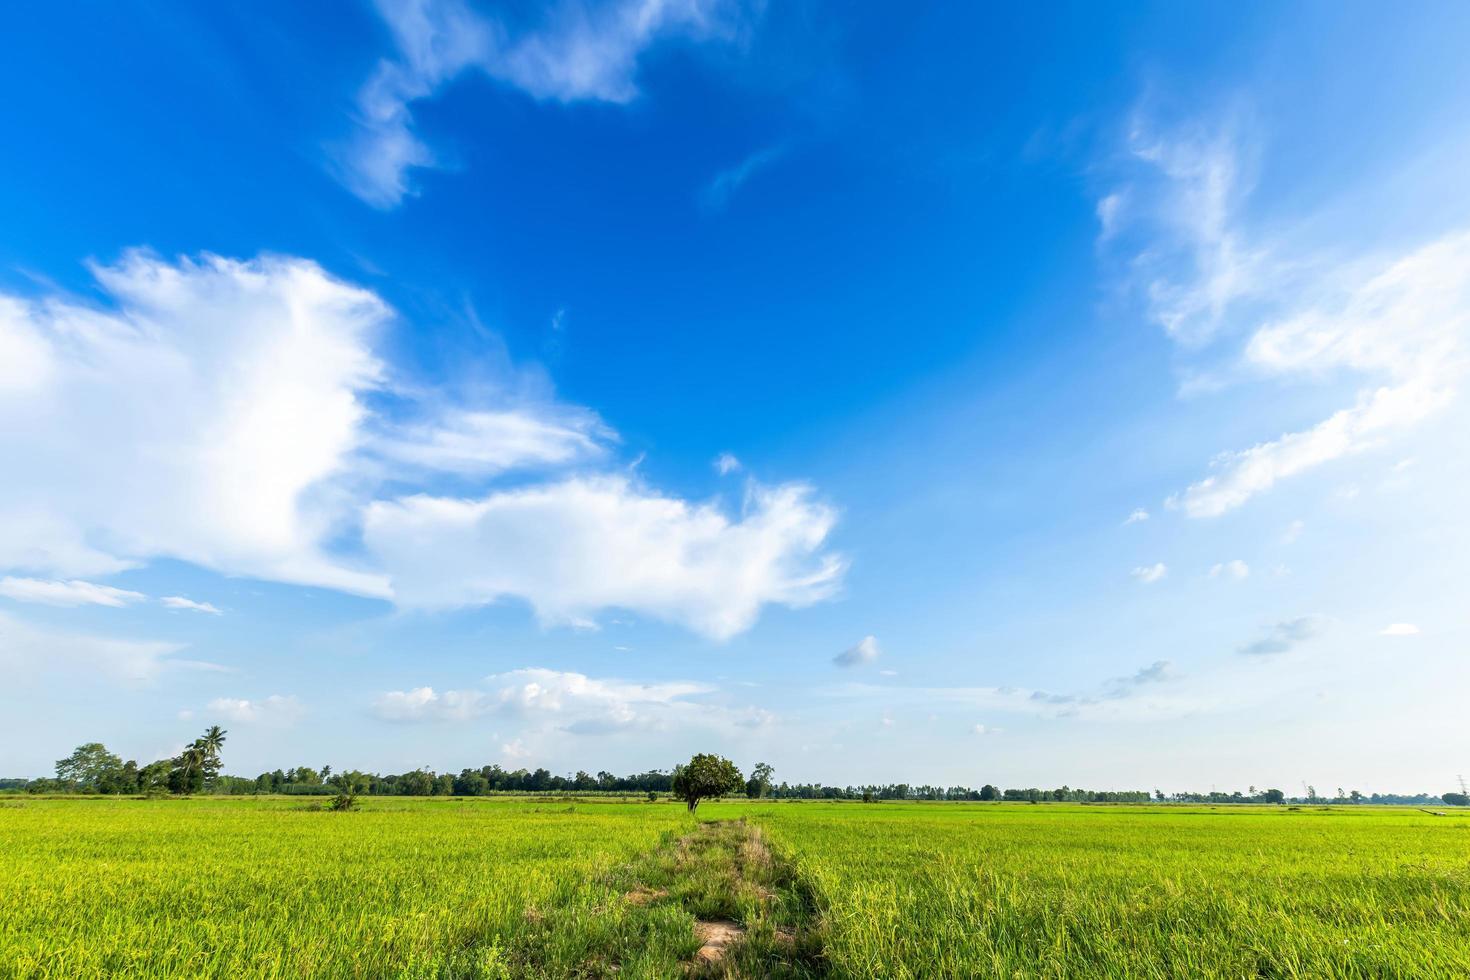 un percorso a piedi in un campo di grano verde conduce a una serie di alberi foto